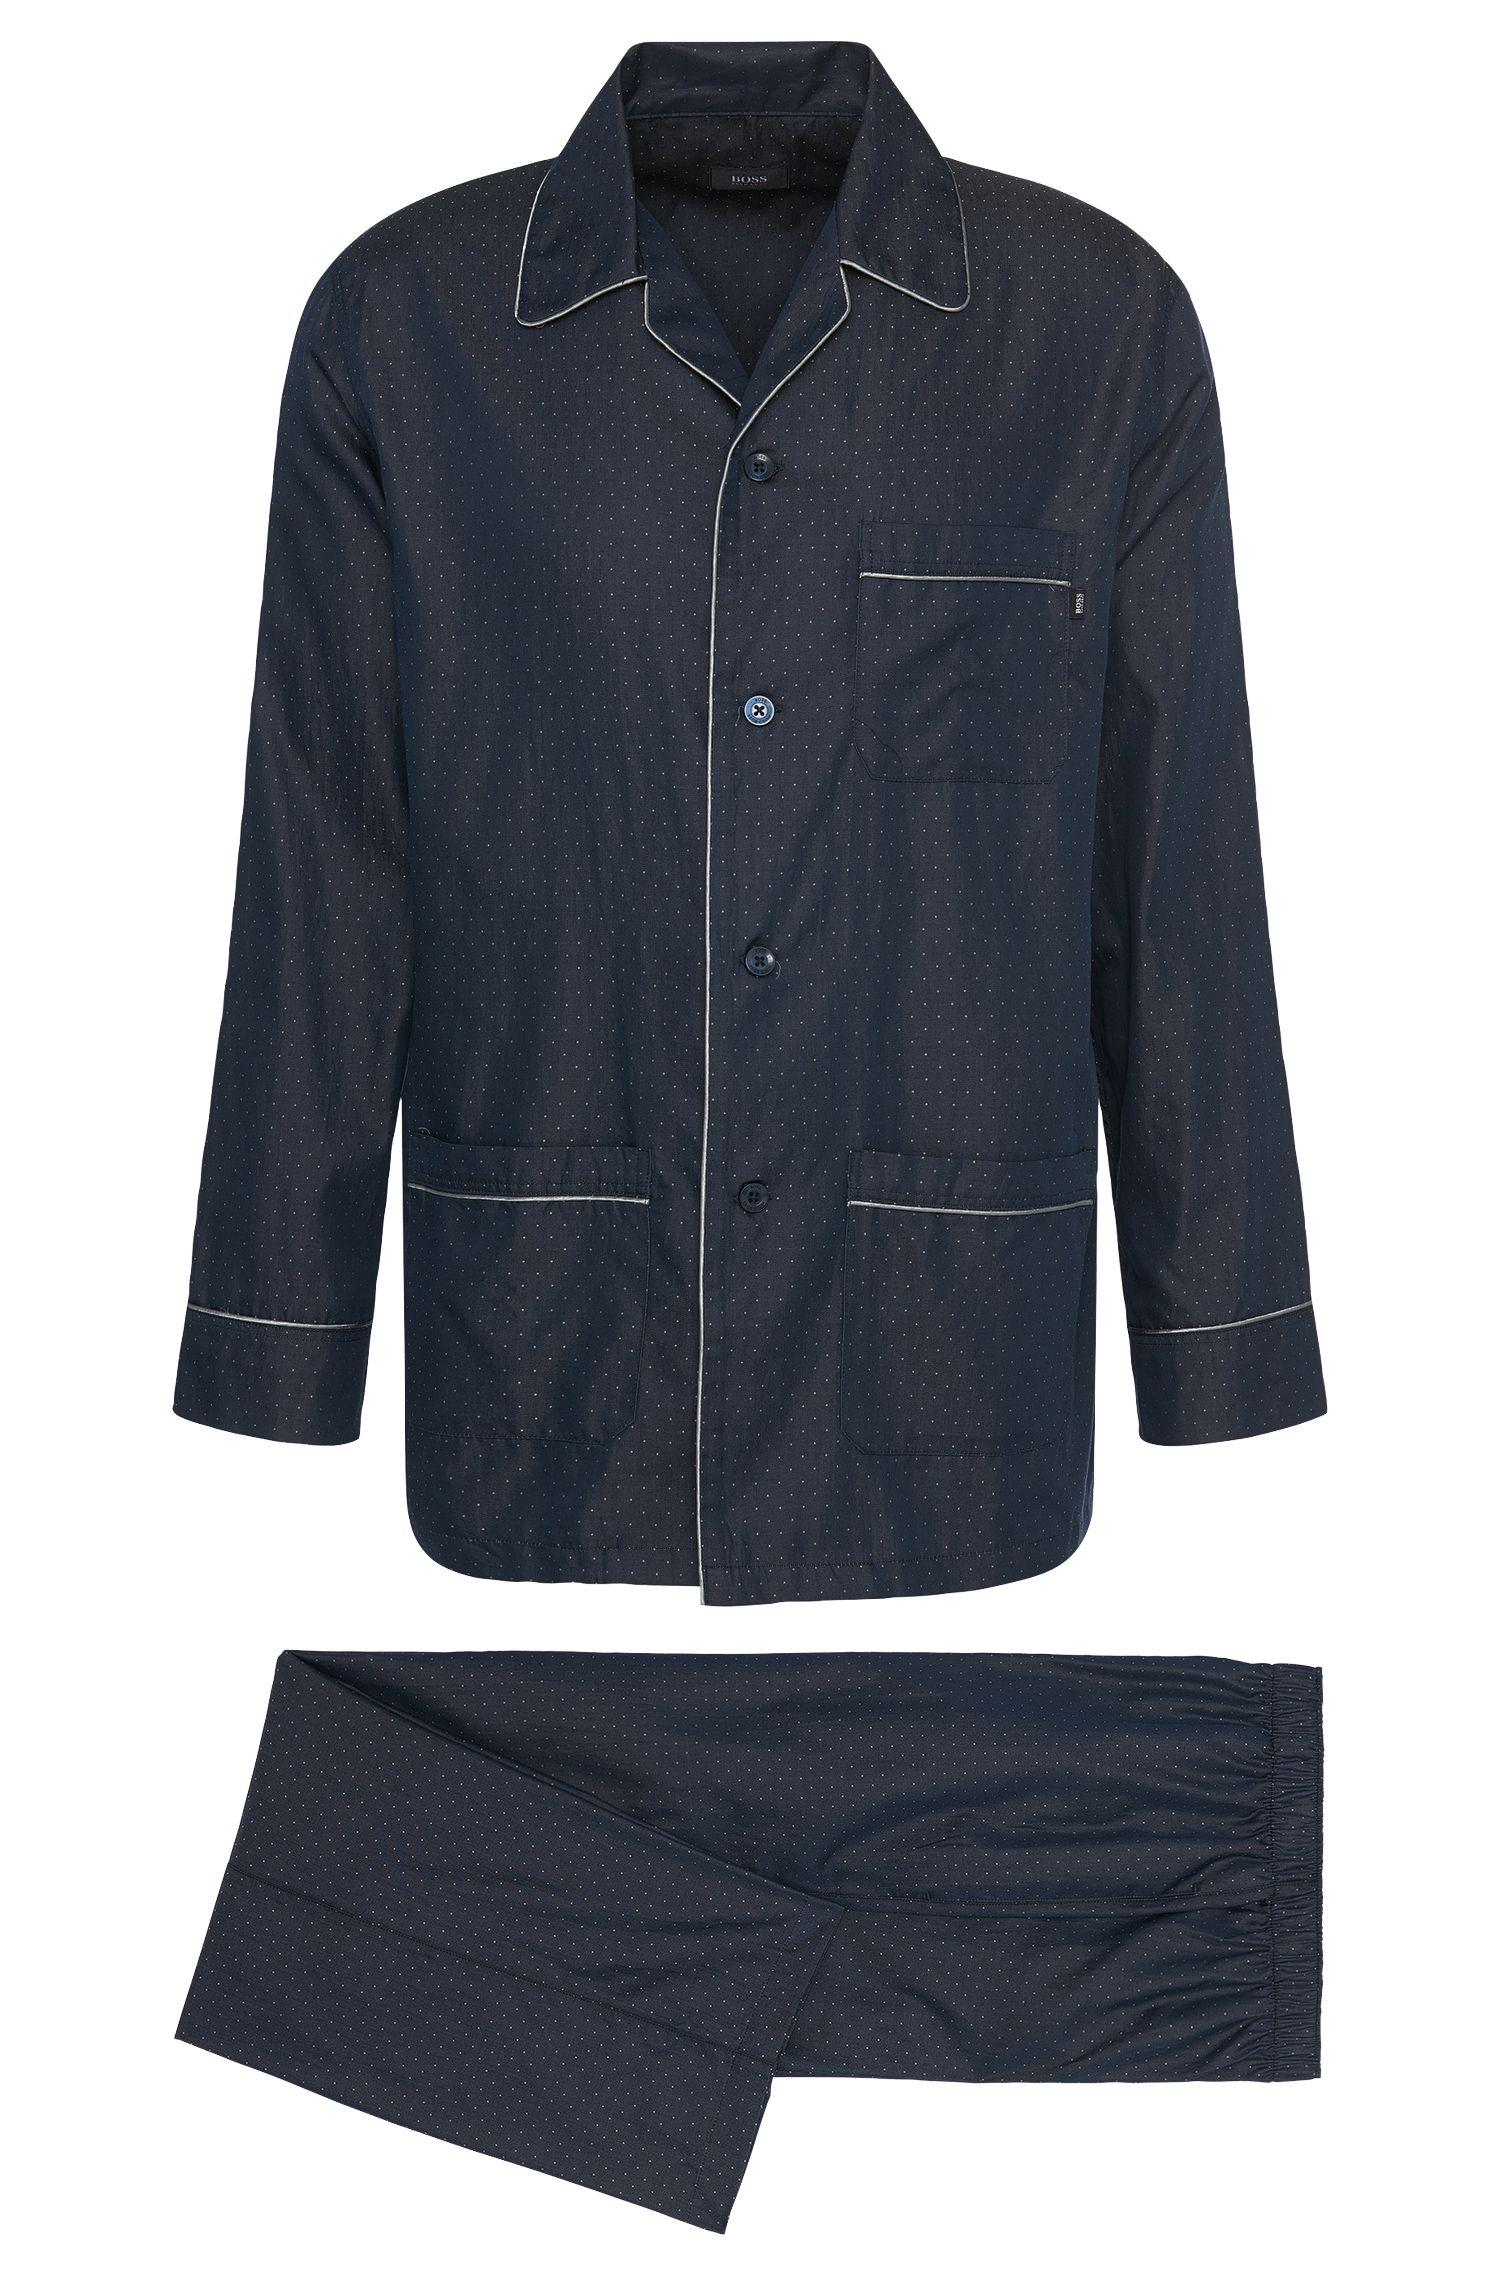 'Pyjama' | Cotton Patterned Pajama Set